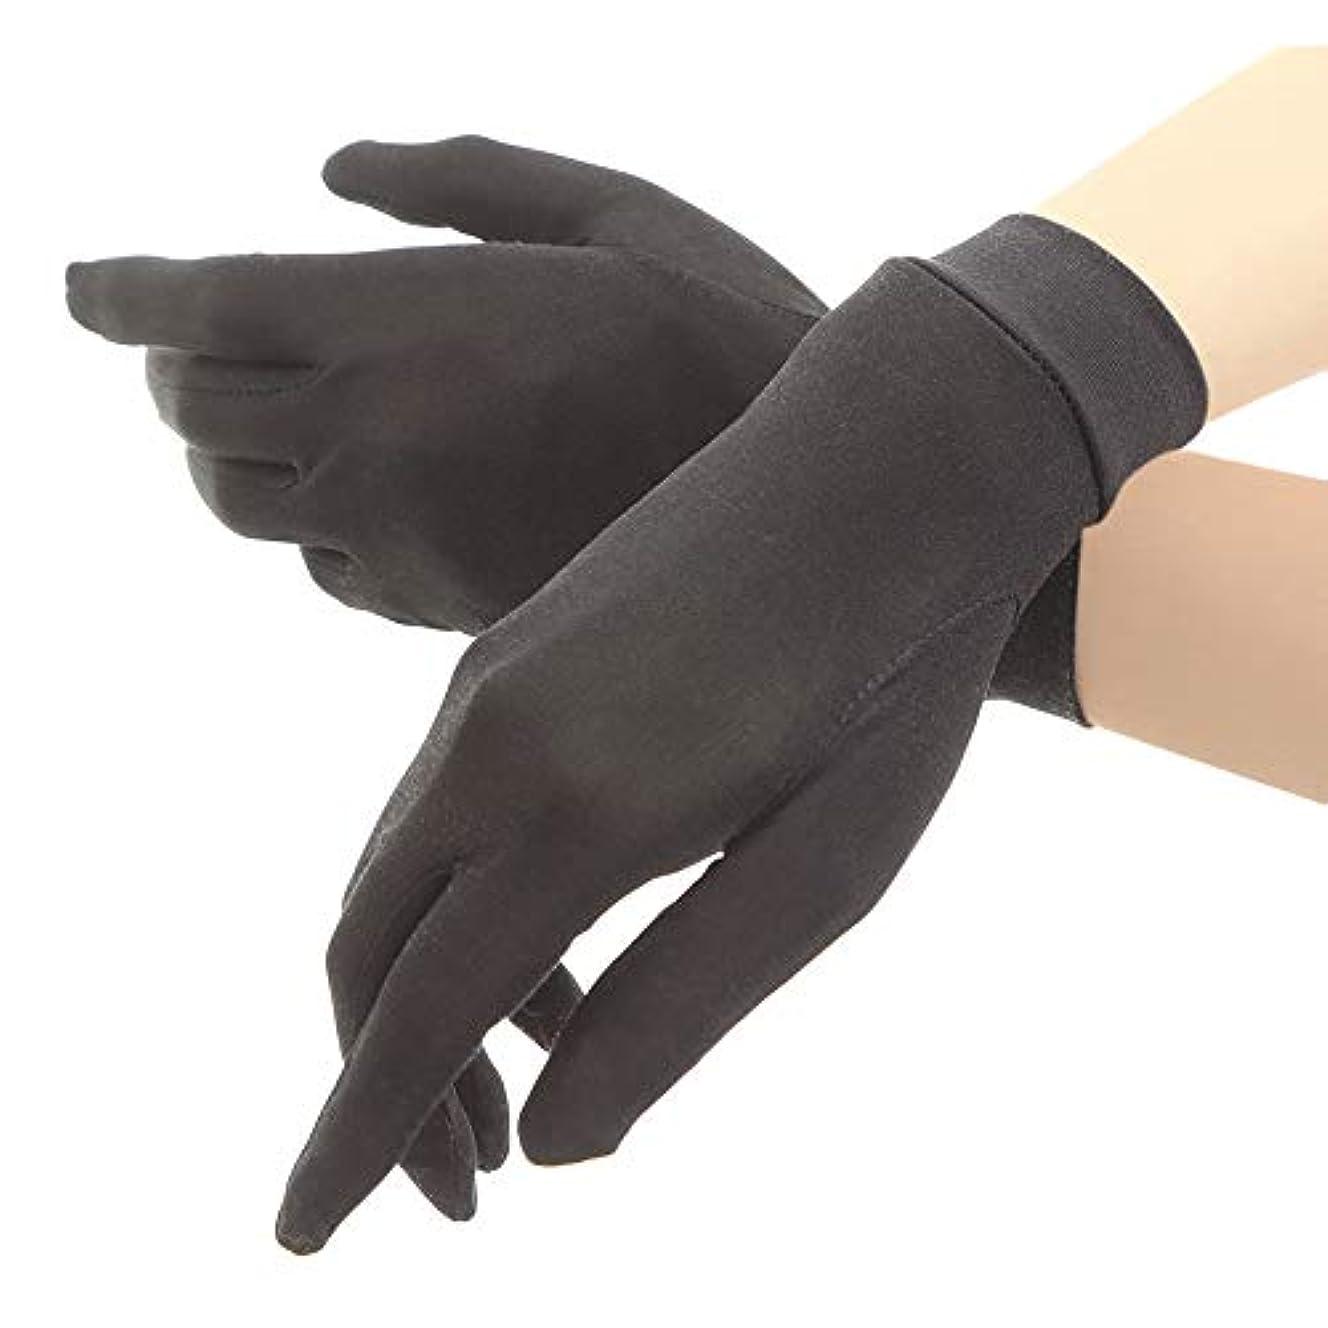 誘発するではごきげんよう適用するシルク手袋 レディース 手袋 シルク 絹 ハンド ケア 保湿 紫外線 肌荒れ 乾燥 サイズアップで手指にマッチ 【macch】